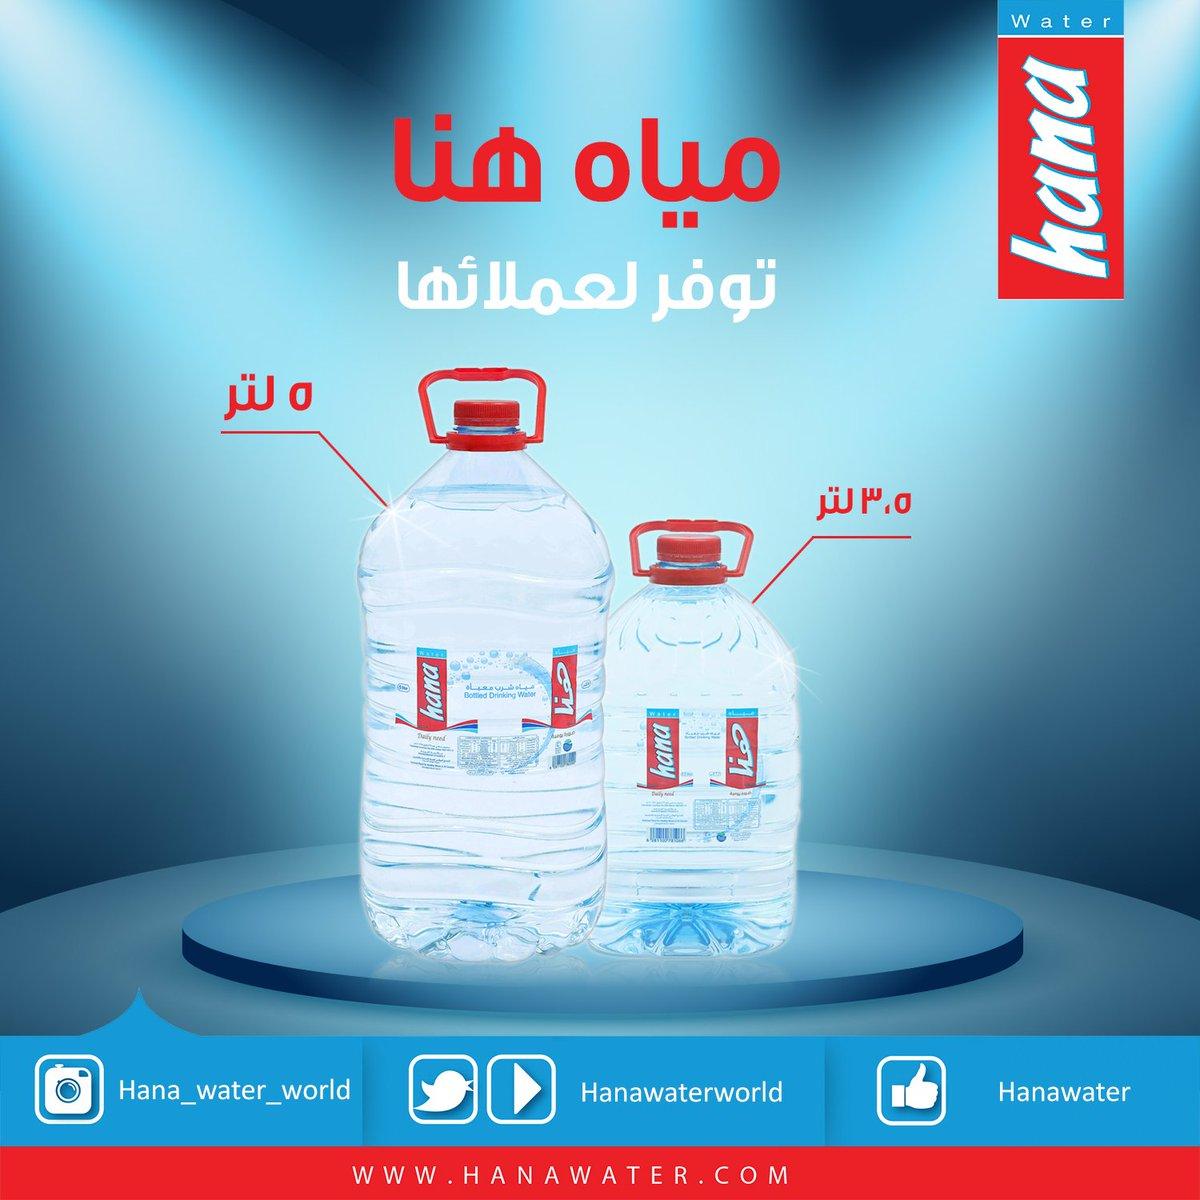 Hana Water مياه هنا V Twitter اطلب الحجم الذي يناسب إحتياجك Https T Co Didzr4ufrg مياه هنا ضرورة يومية